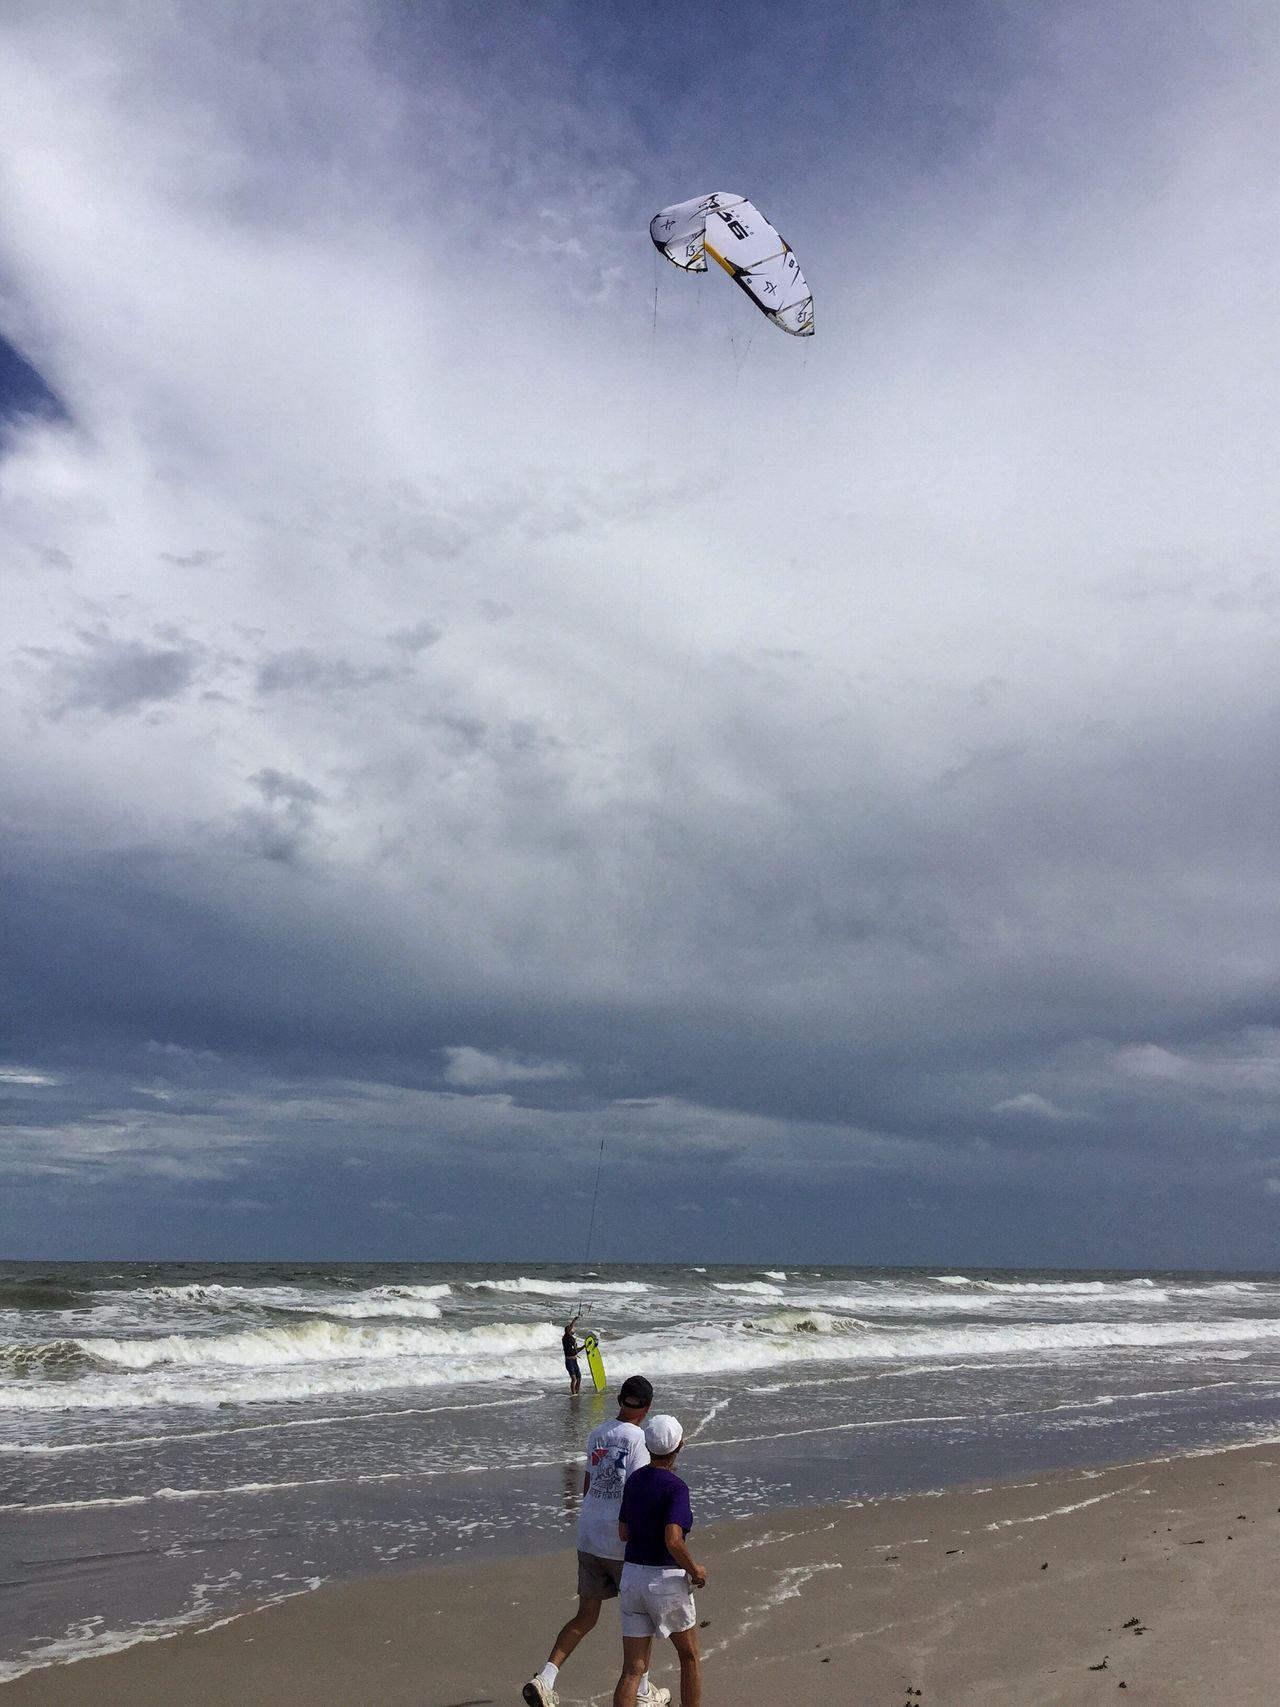 Kite surfer Kite Surfing Kitesurf Kitesurfing Melbourne Beach, FL Leisure Activity Lifestyles Surf Beach Windy Day